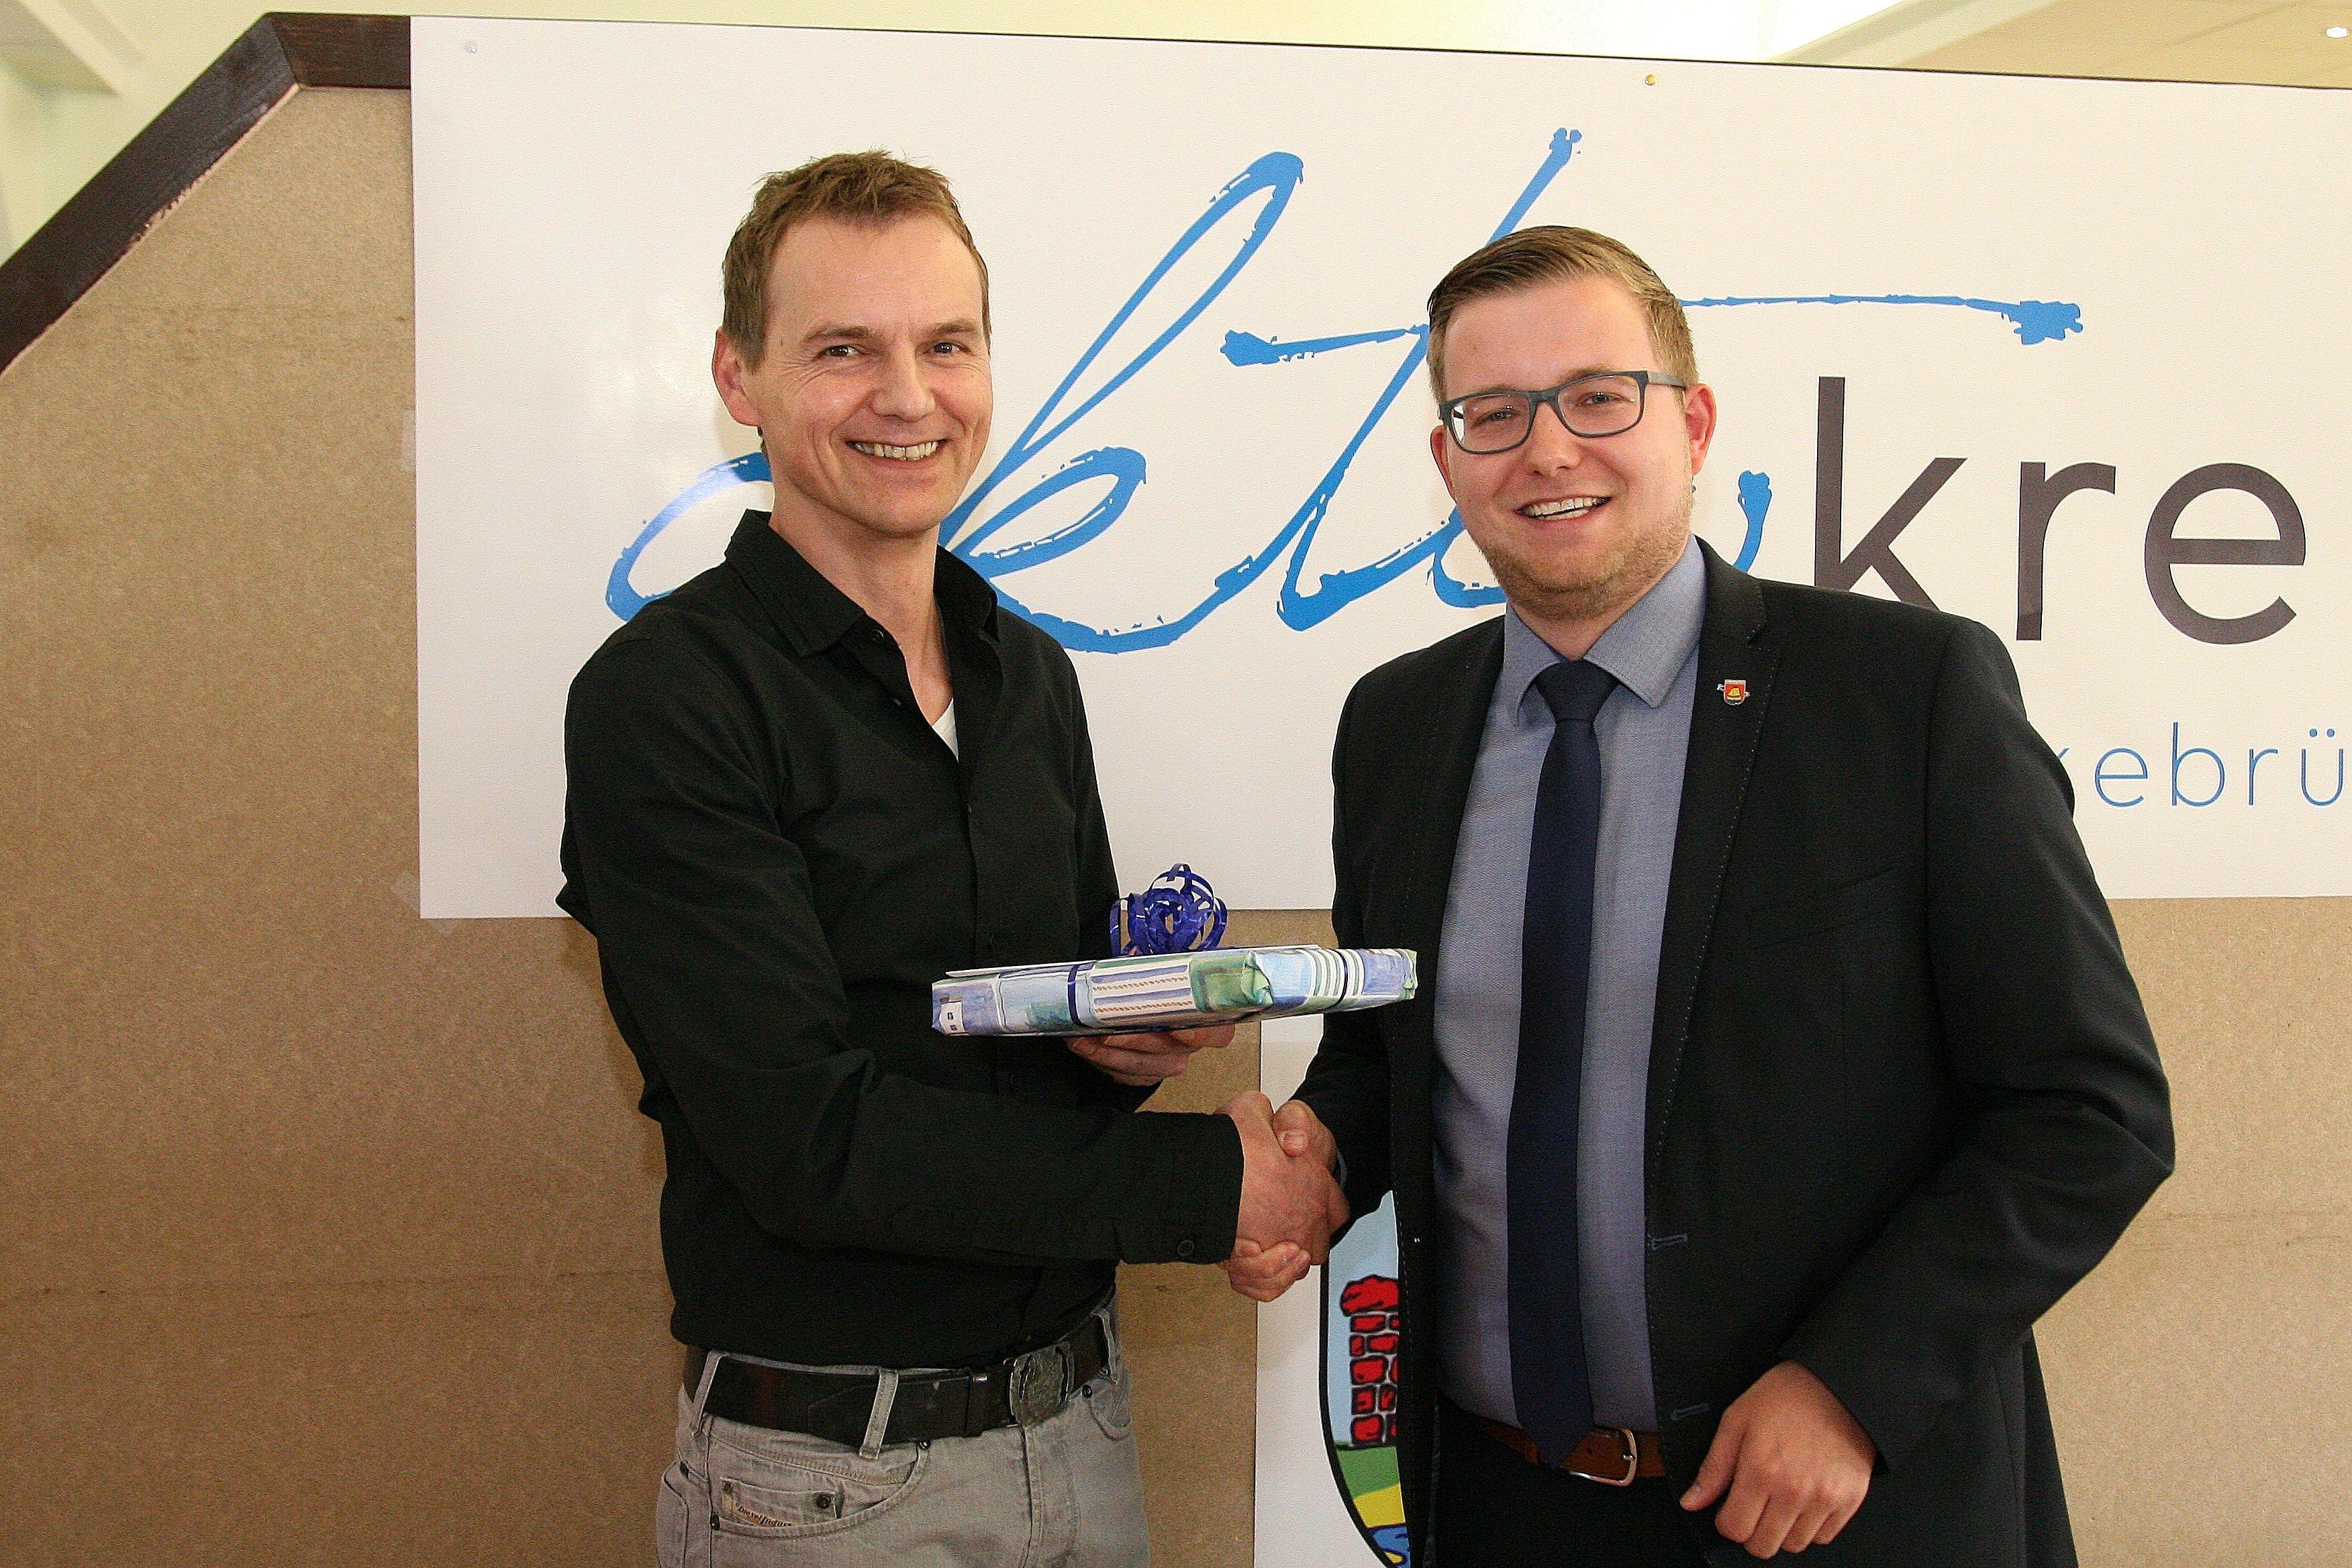 Glückwunsche zum Jubiläum des Aktivkreises Harkebrügge überbrachte BM Anhuth (rechts) an den Vereinsvorsitzenden T. Tangemann